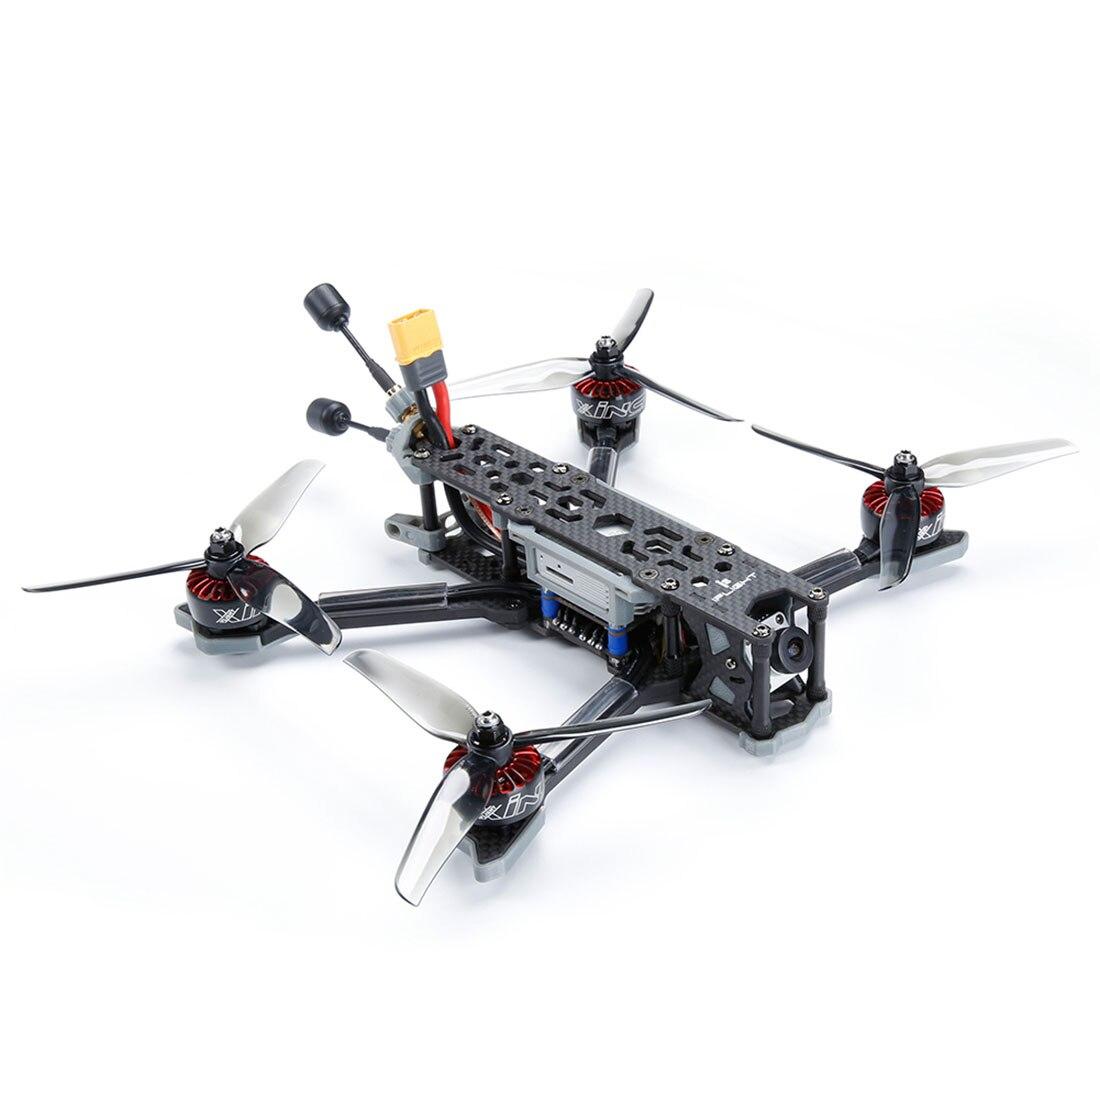 IFlight TITAN DC5 5 дюймов 222 мм 4S/6s HD FPV гоночный Дрон BNF SucceX D F7 50A стек XING E 2207/2450 кв мотор от вертолета игрушка - 3